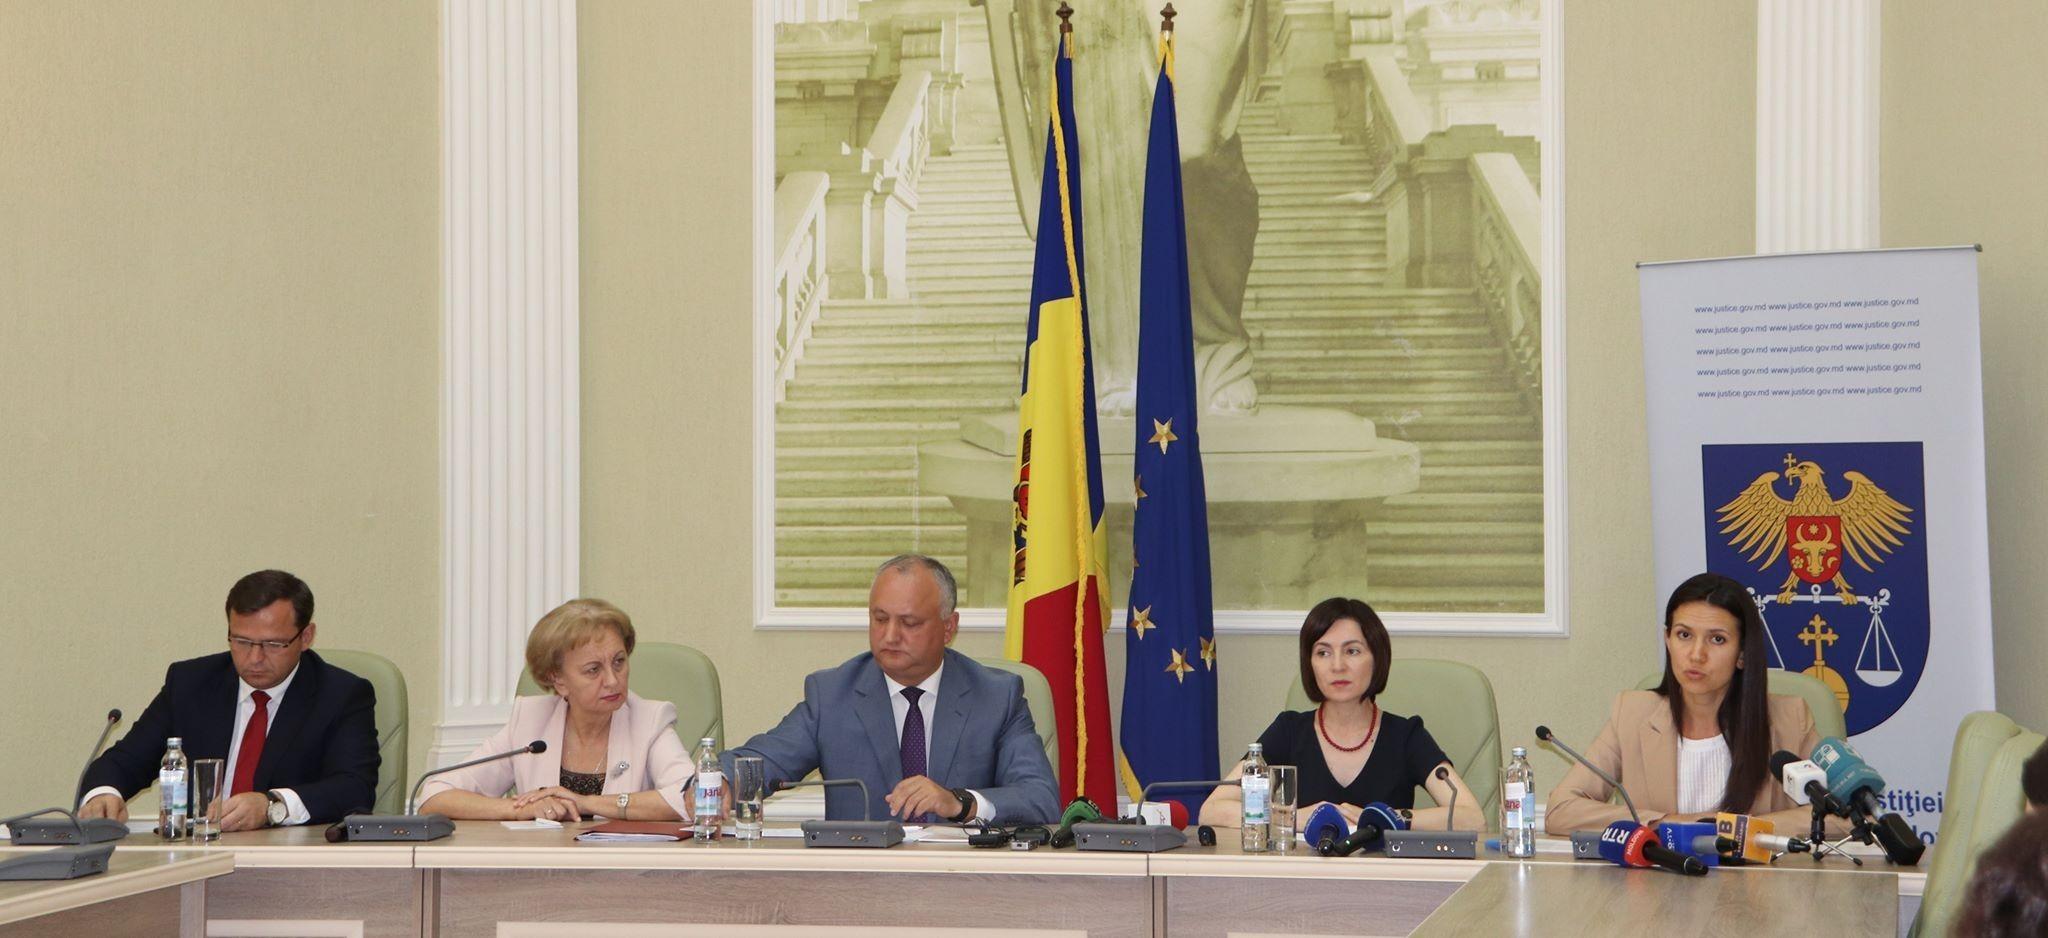 Noua reformă a justiției: Mai mulți membri în CSM și CSP și reducerea competențelor pentru  CSJ și Procuratura Anticorupție